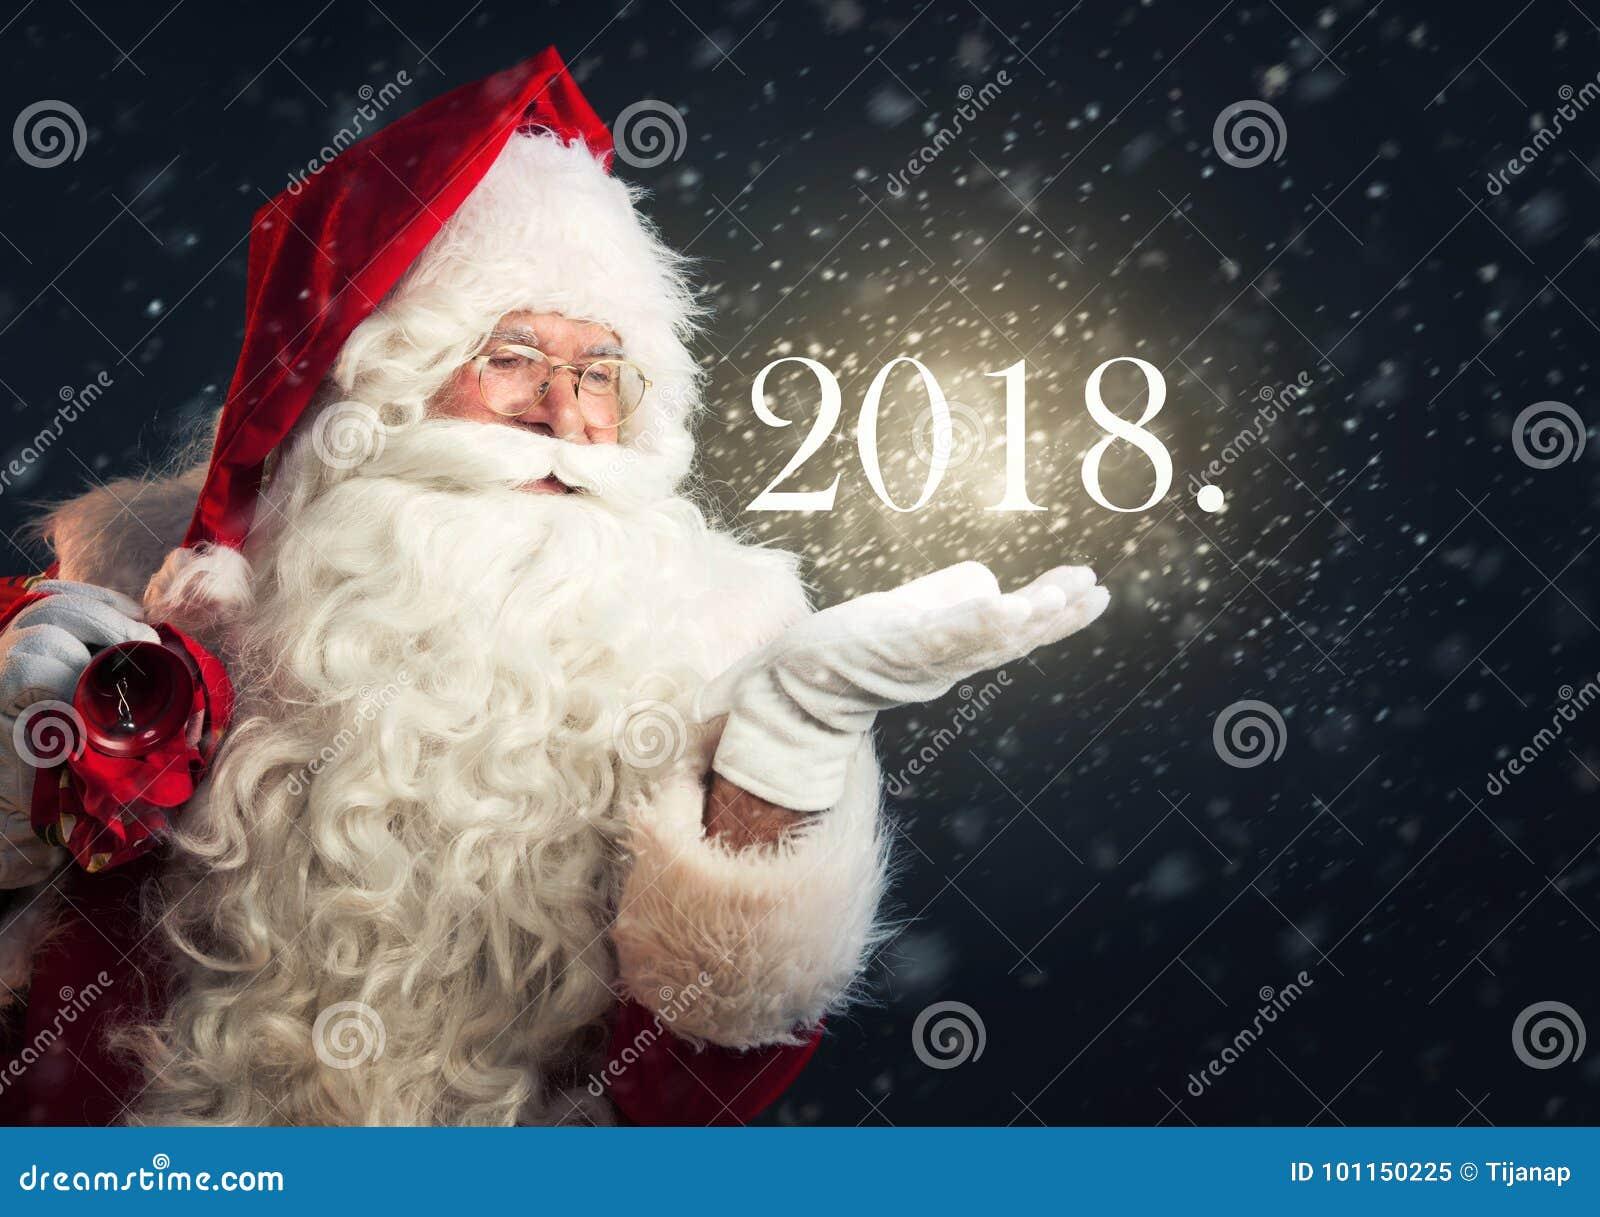 imágenes comunes del Santa Claus Que Sopla Feliz Navidad De La Nieve ... 5018347b569